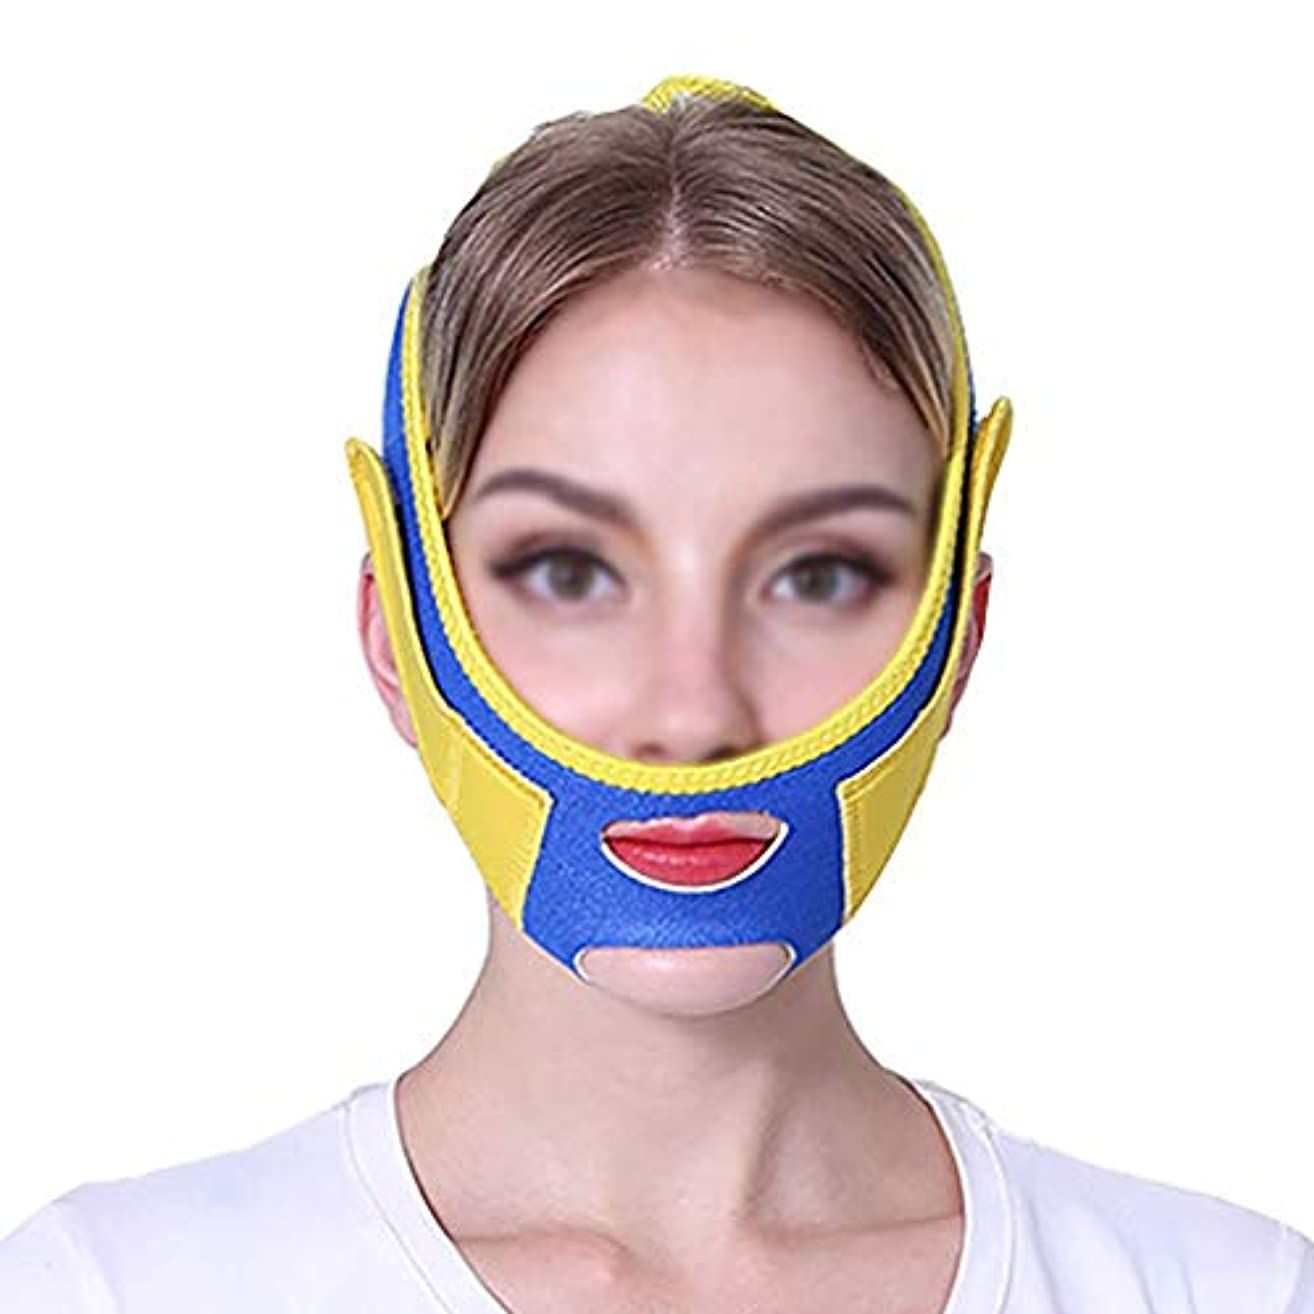 発症押し下げる服ファーミングフェイスマスク、スモールVフェイスアーティファクトリフティングマスクフェイスリフティングフェイスメロンフェイスリフティングフェイスマスクファーミングクリームフェイスリフティング包帯